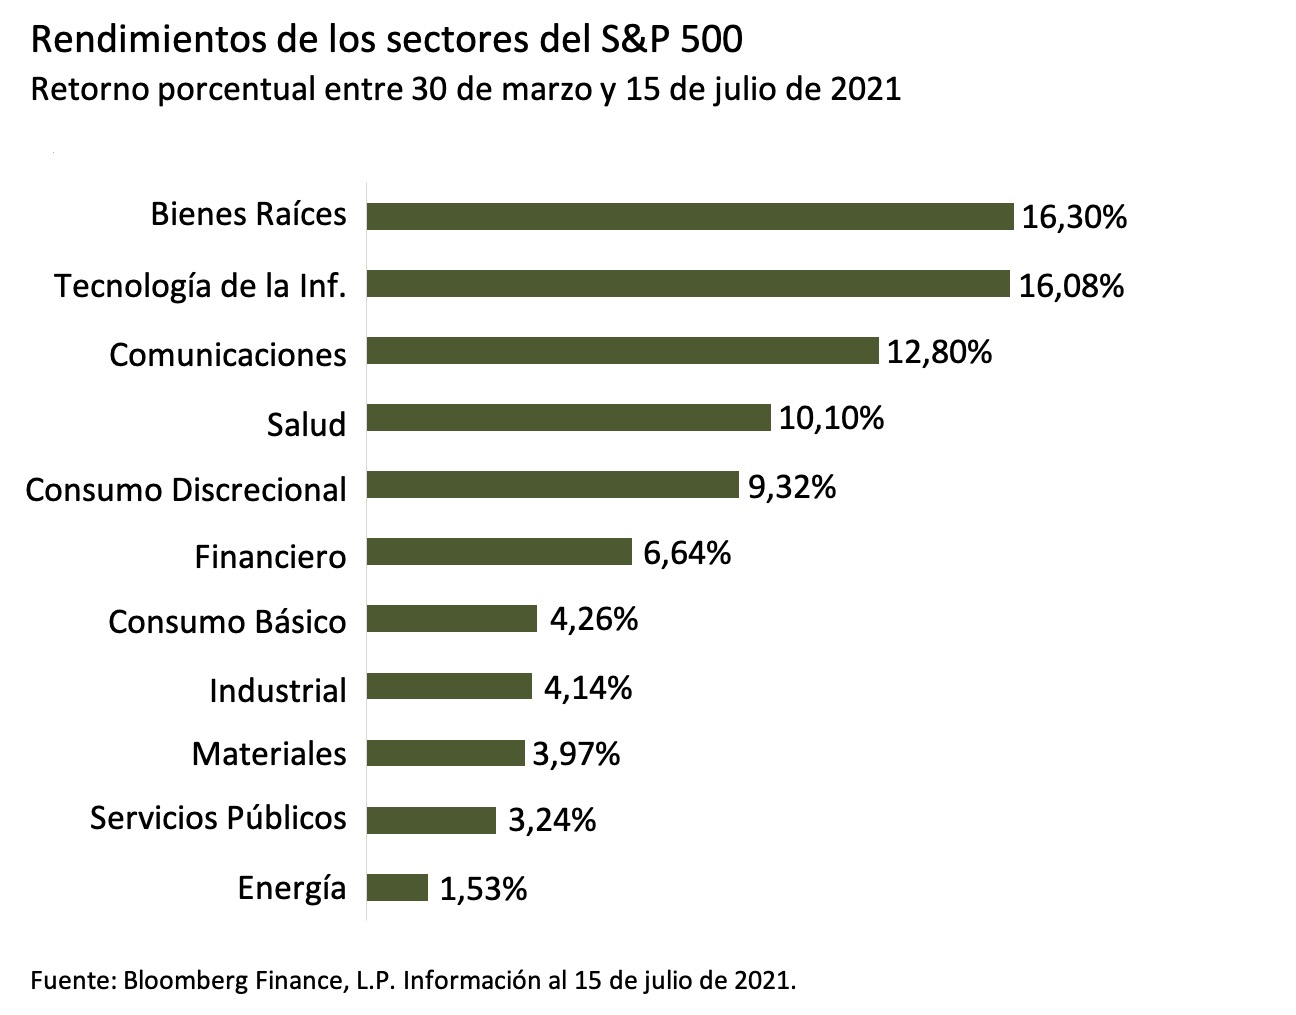 Este gráfico muestra el porcentaje de retorno entre el 30 de marzo y el 15 de julio de 2021 de los 11 sectores que conforman el índice S&P 500.